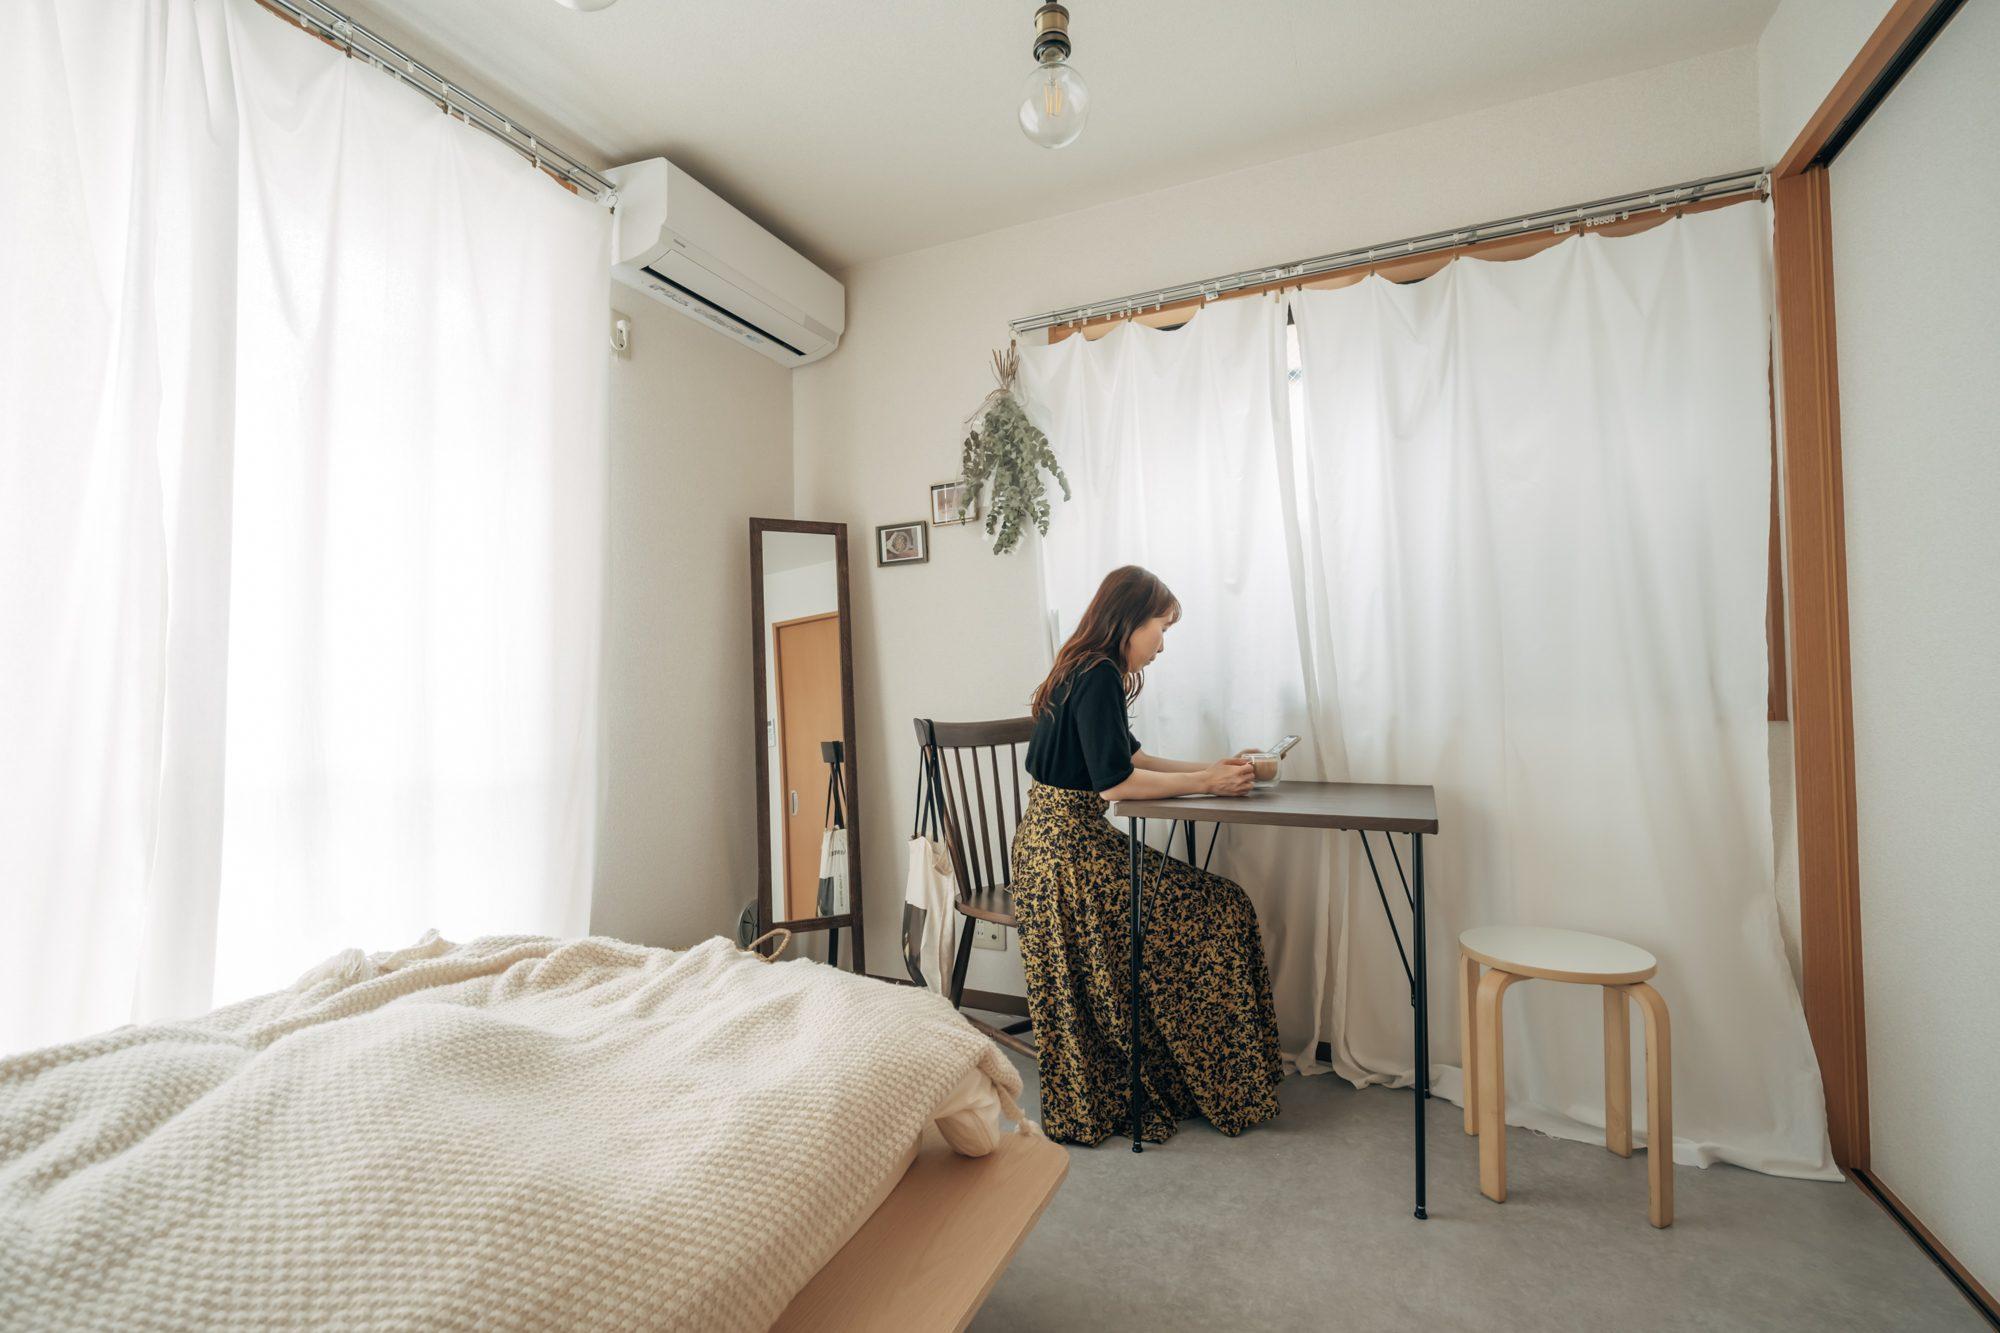 お気に入りのカフェをイメージしてつくられた1DKのお部屋。部屋の入口と反対側にある角に姿見を配置することで、お部屋を広く見せられる効果も生まれますね。